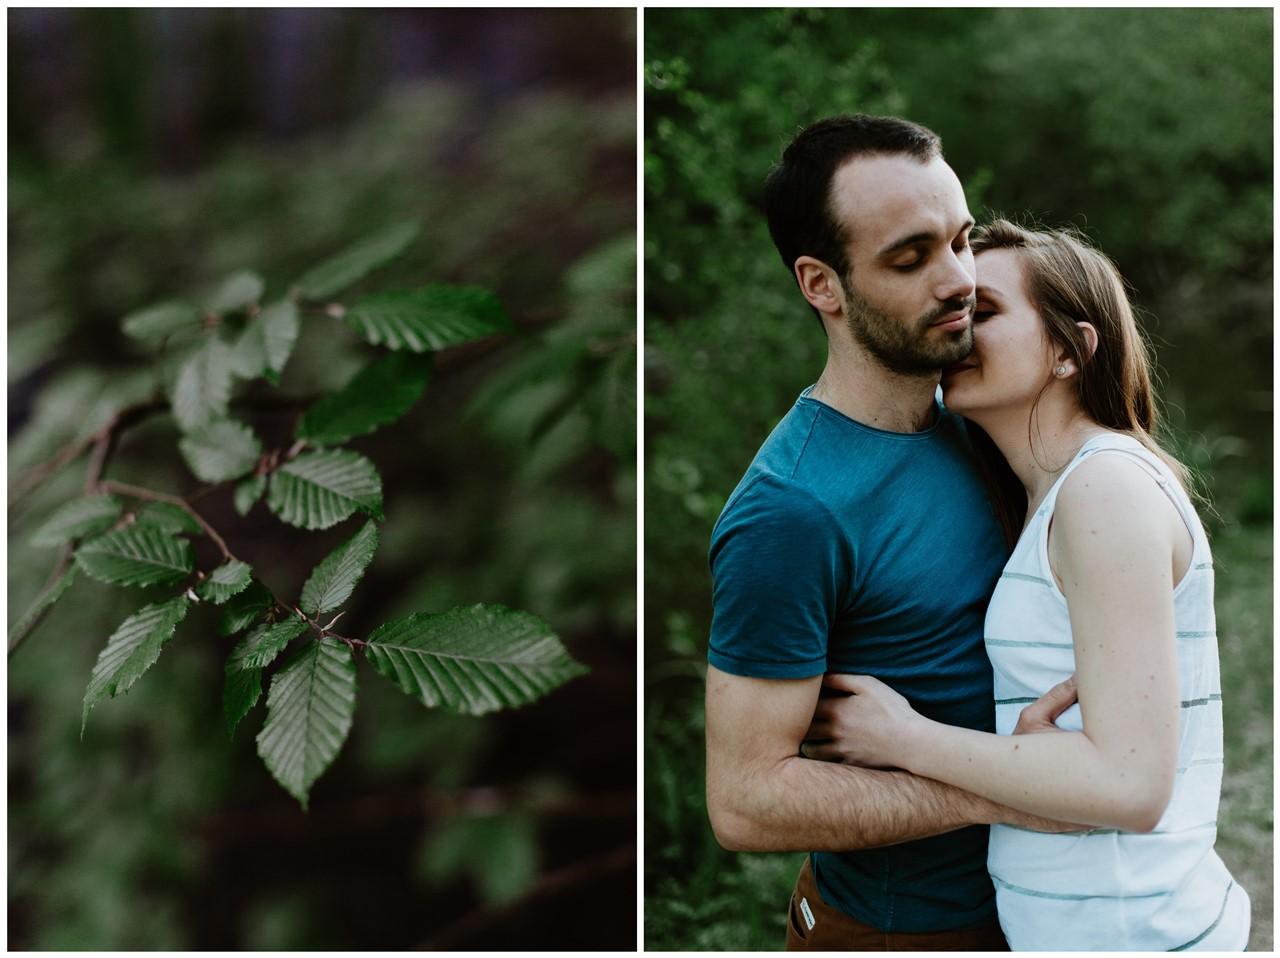 séance-engagement-couple-nature-nantes-calin-feuilles